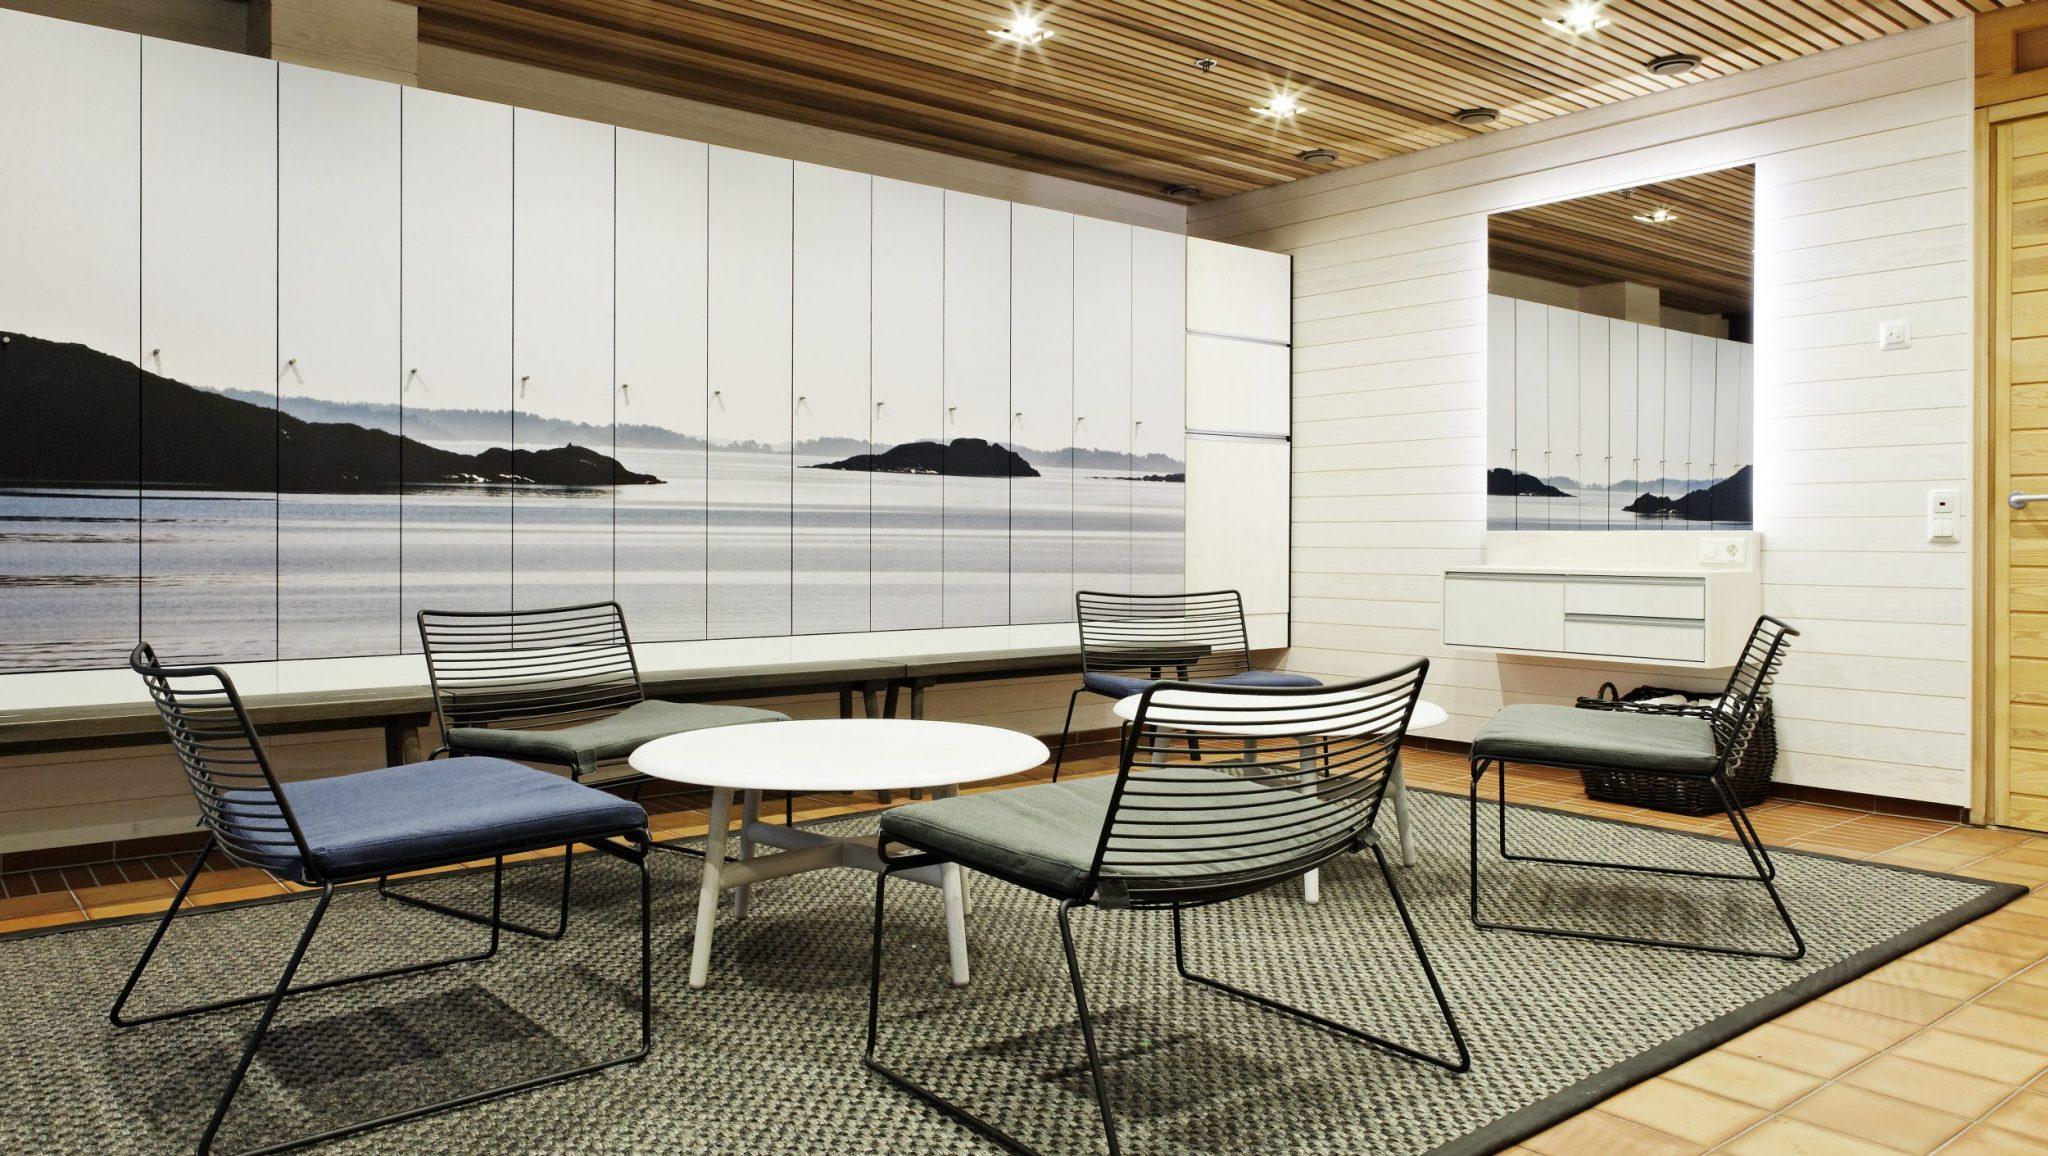 Hewlett-Packard-sauna-area-Espoo-GI-Project-4